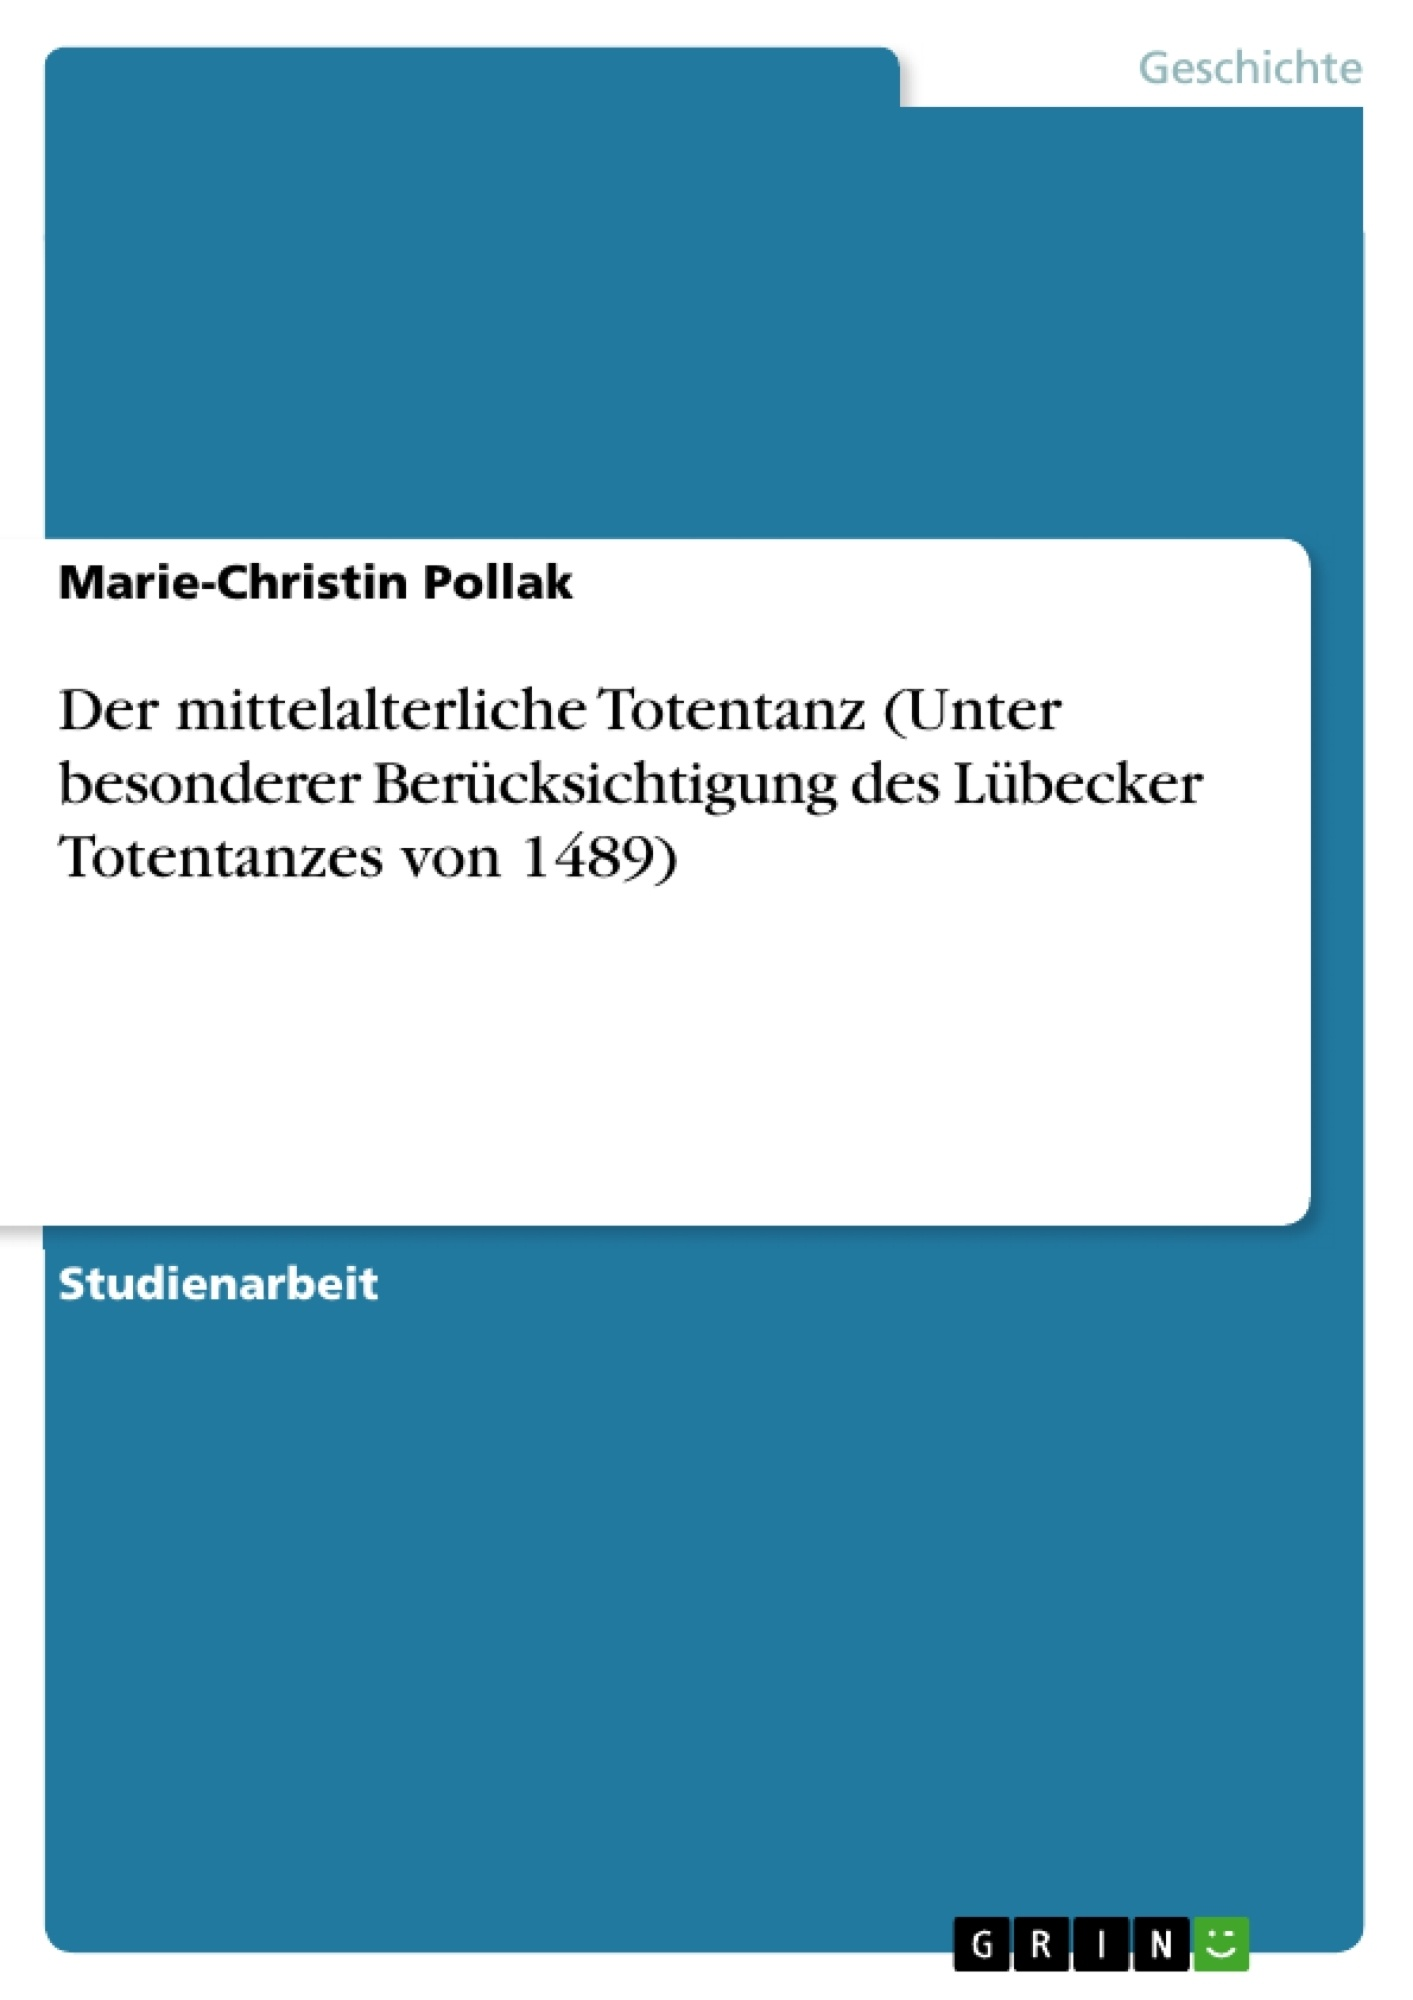 Titel: Der mittelalterliche Totentanz (Unter besonderer Berücksichtigung des Lübecker Totentanzes von 1489)